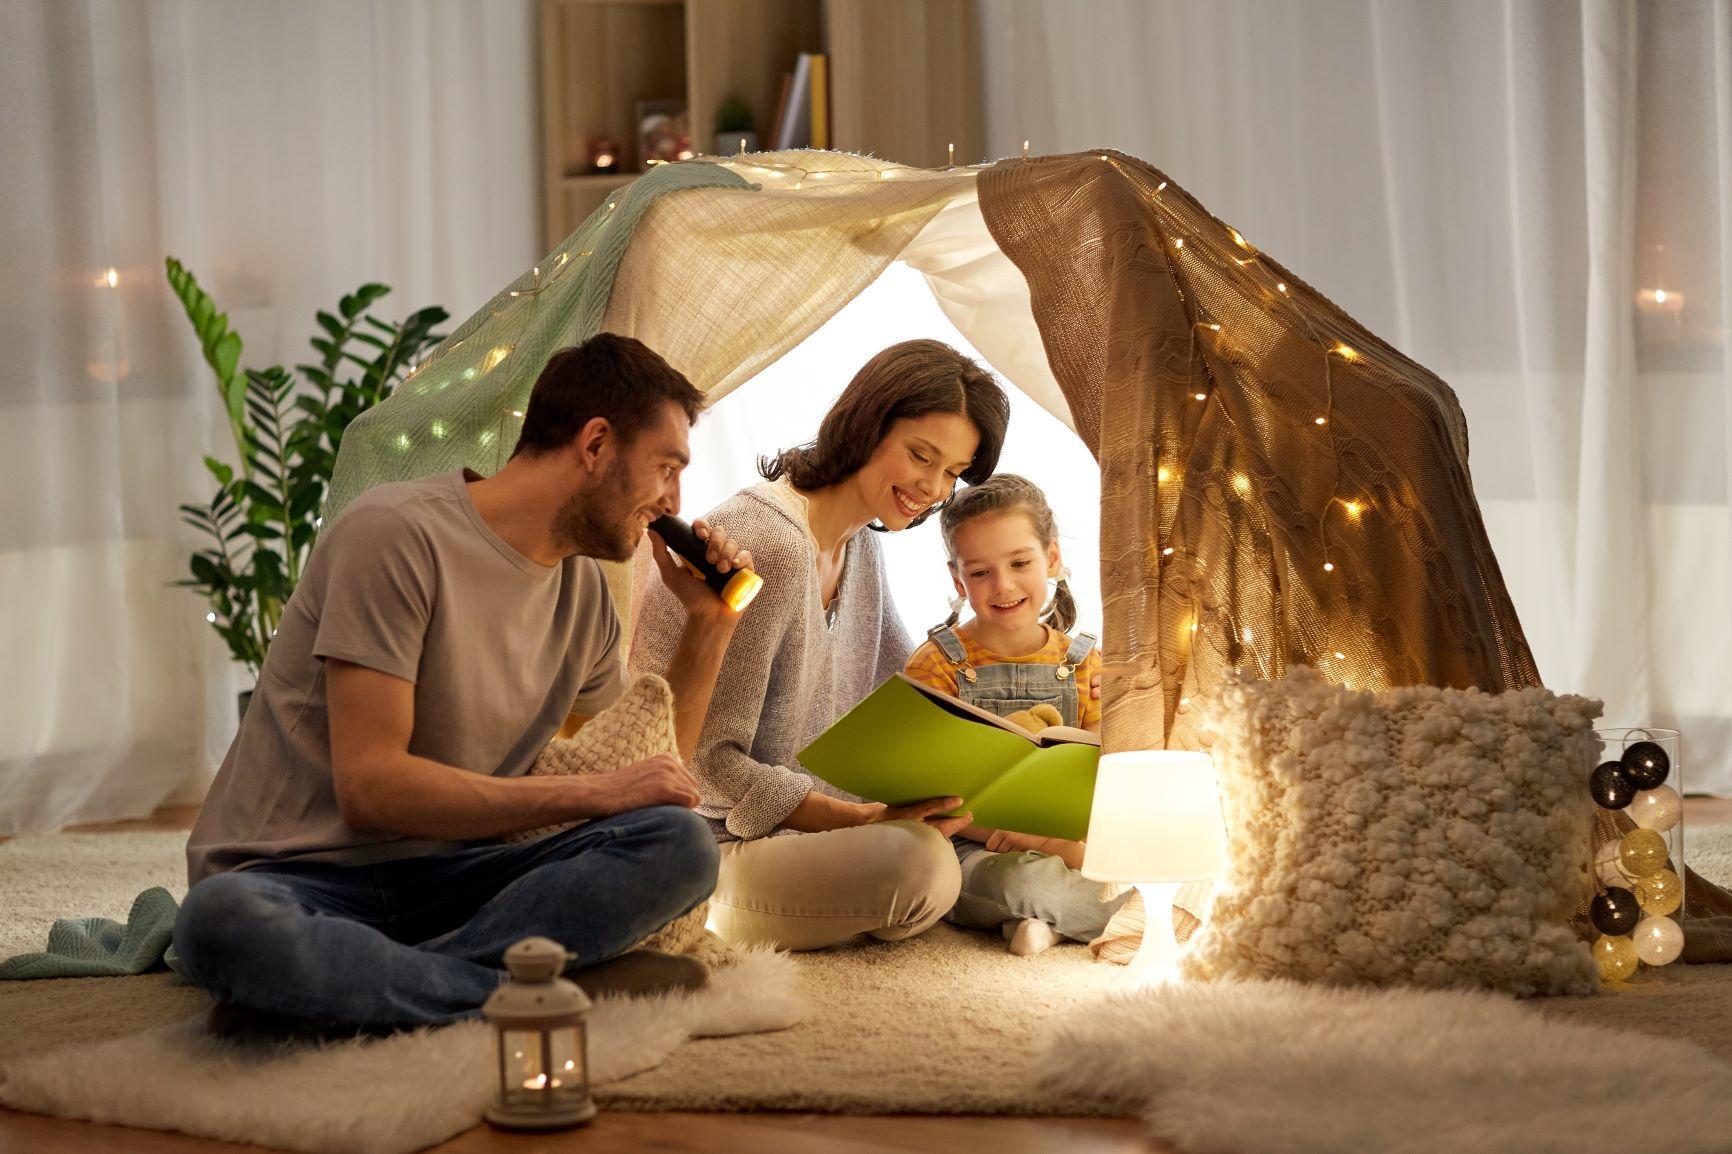 rodičia čítajú knihu dieťaťu v stane